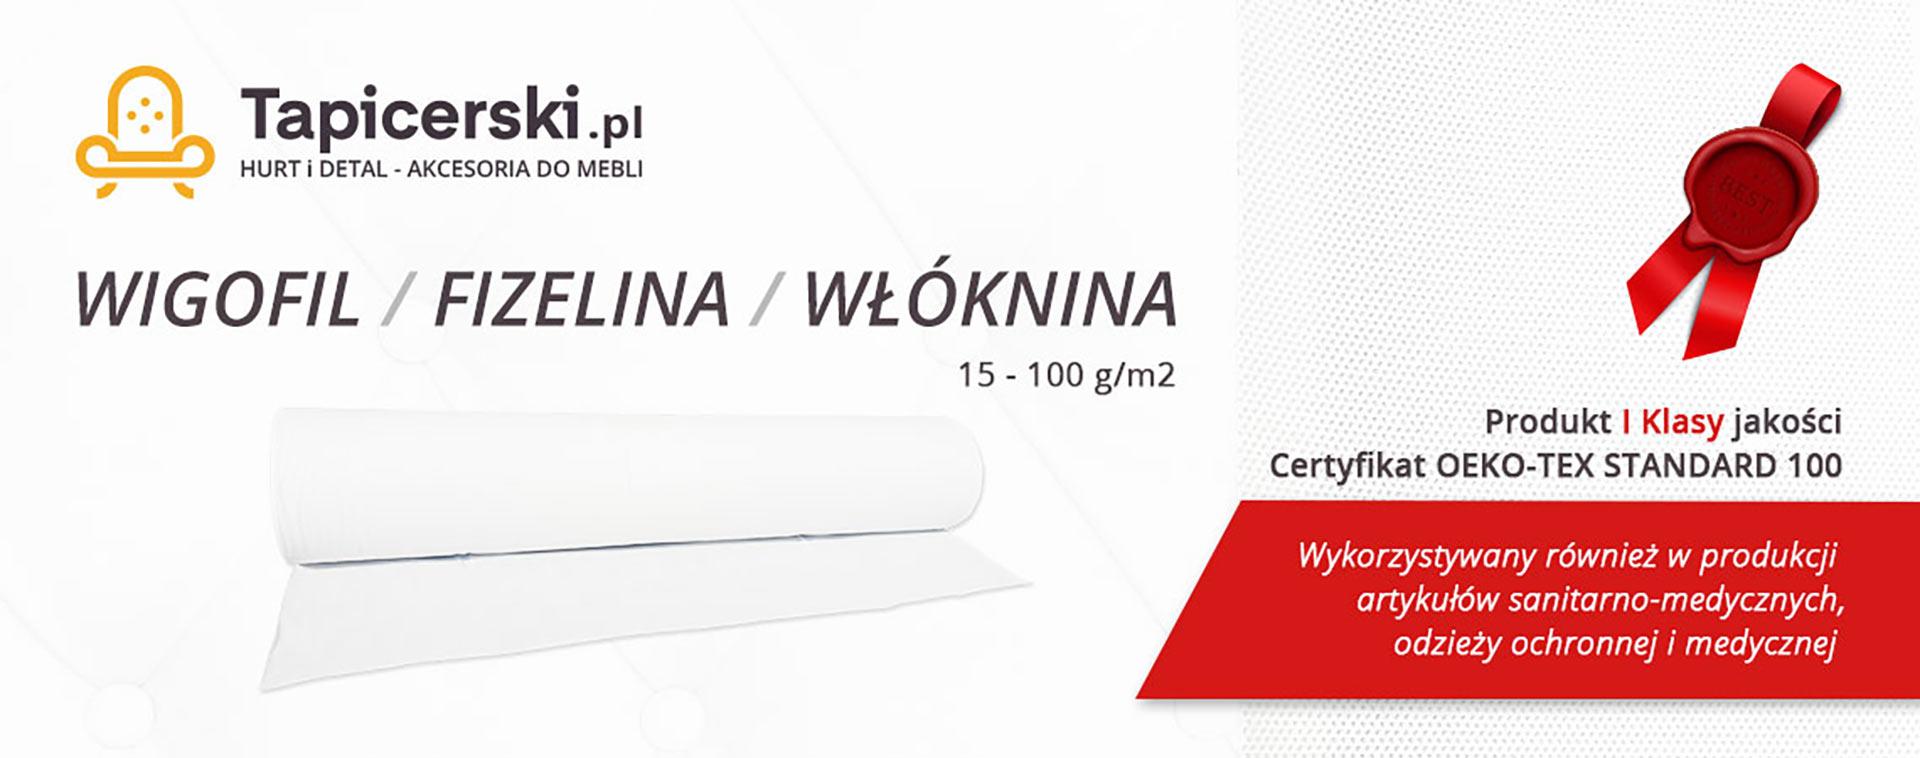 Wigofil Fizelina Włóknina - Tapicerski.pl